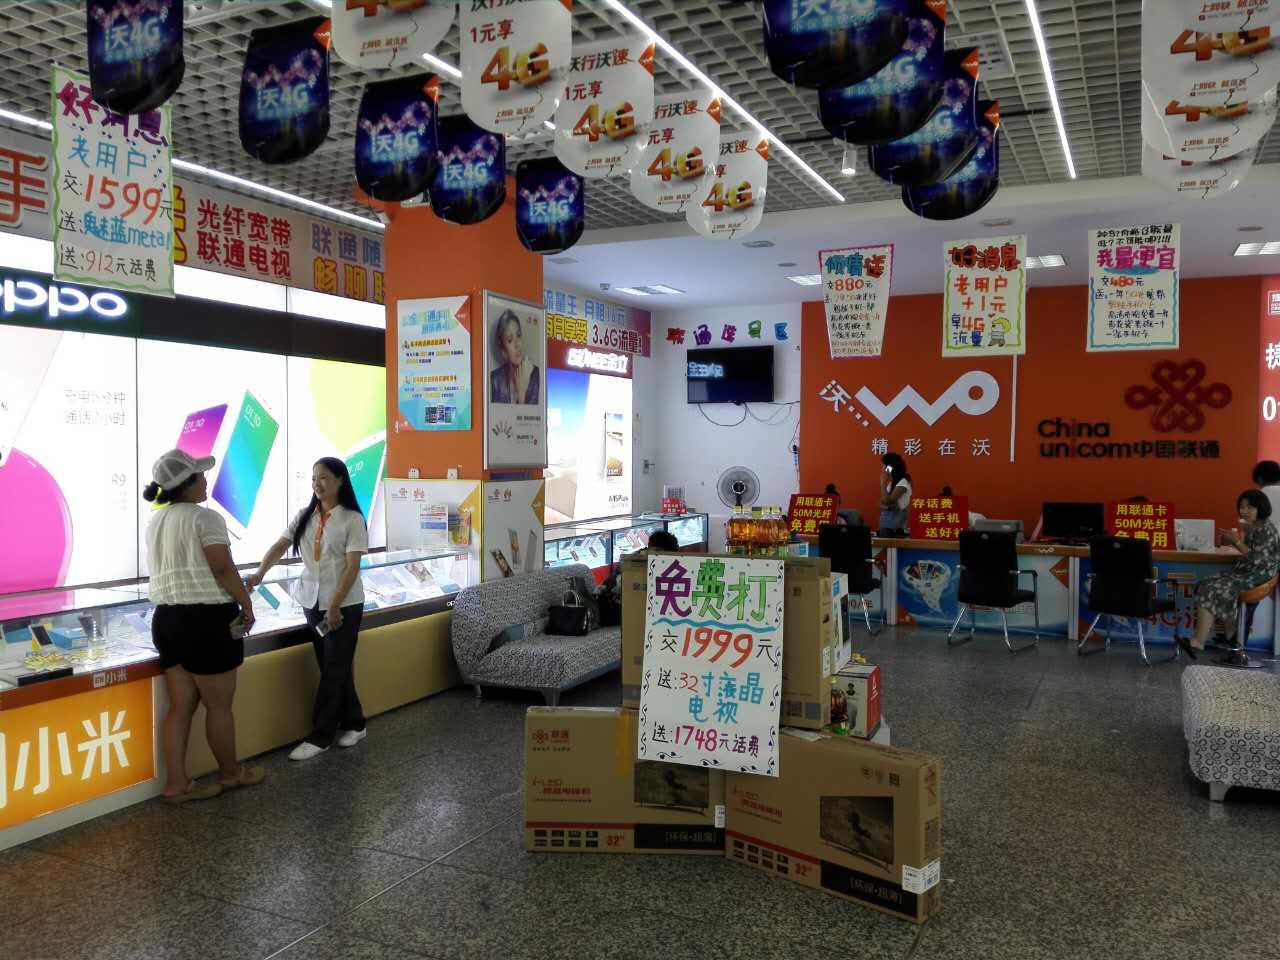 辽联集团-喊一手机工厂展示 成功案例 第3张